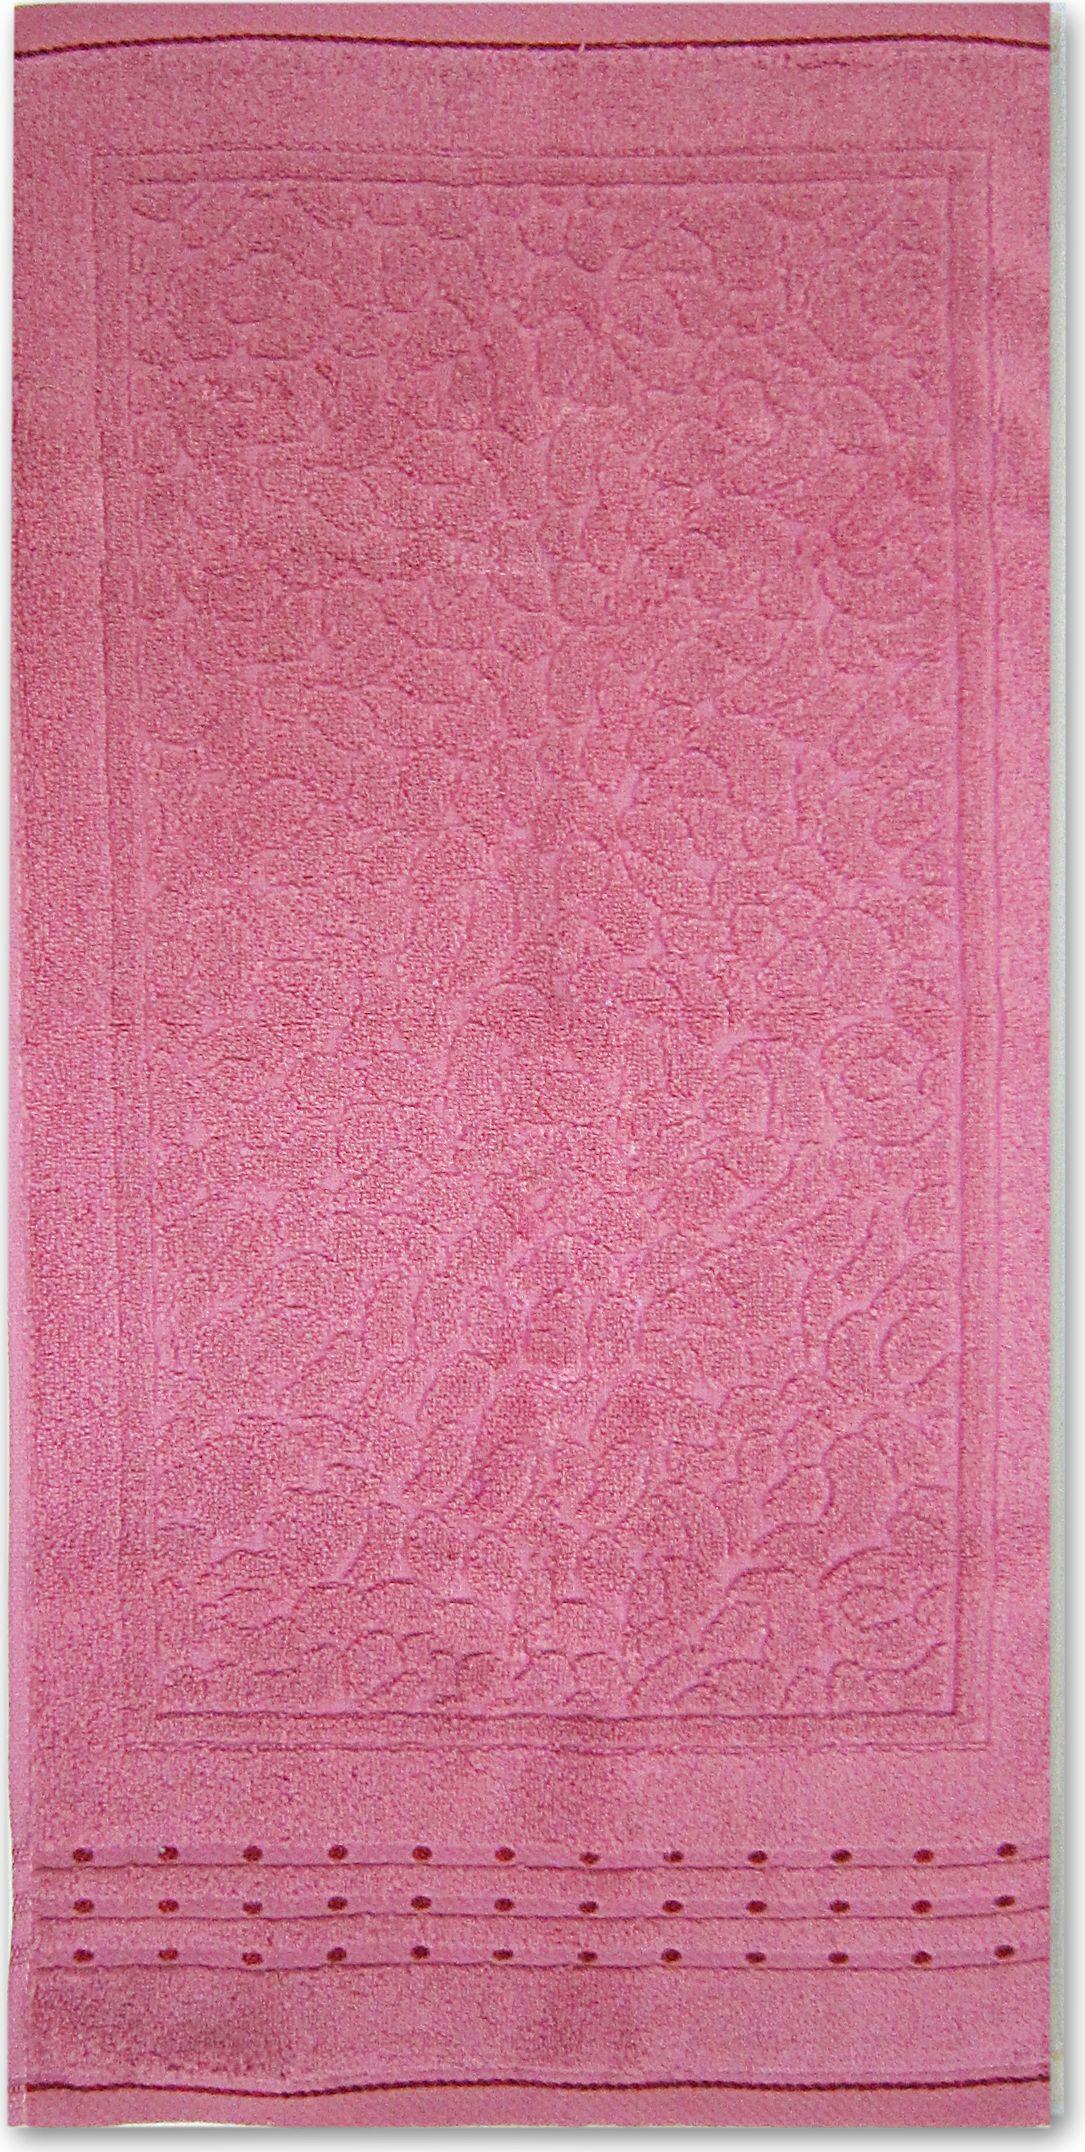 Полотенце махровое НВ Морион, цвет: фуксия, 33 х 70 см. м0742_1285553Полотенце НВ Морион выполнено из натуральной махровой ткани (100% хлопок). Изделие отлично впитывает влагу, быстро сохнет, сохраняет яркость цвета и не теряет форму даже после многократных стирок. Полотенце очень практично и неприхотливо в уходе. Оно станет достойным выбором для вас и приятным подарком вашим близким.